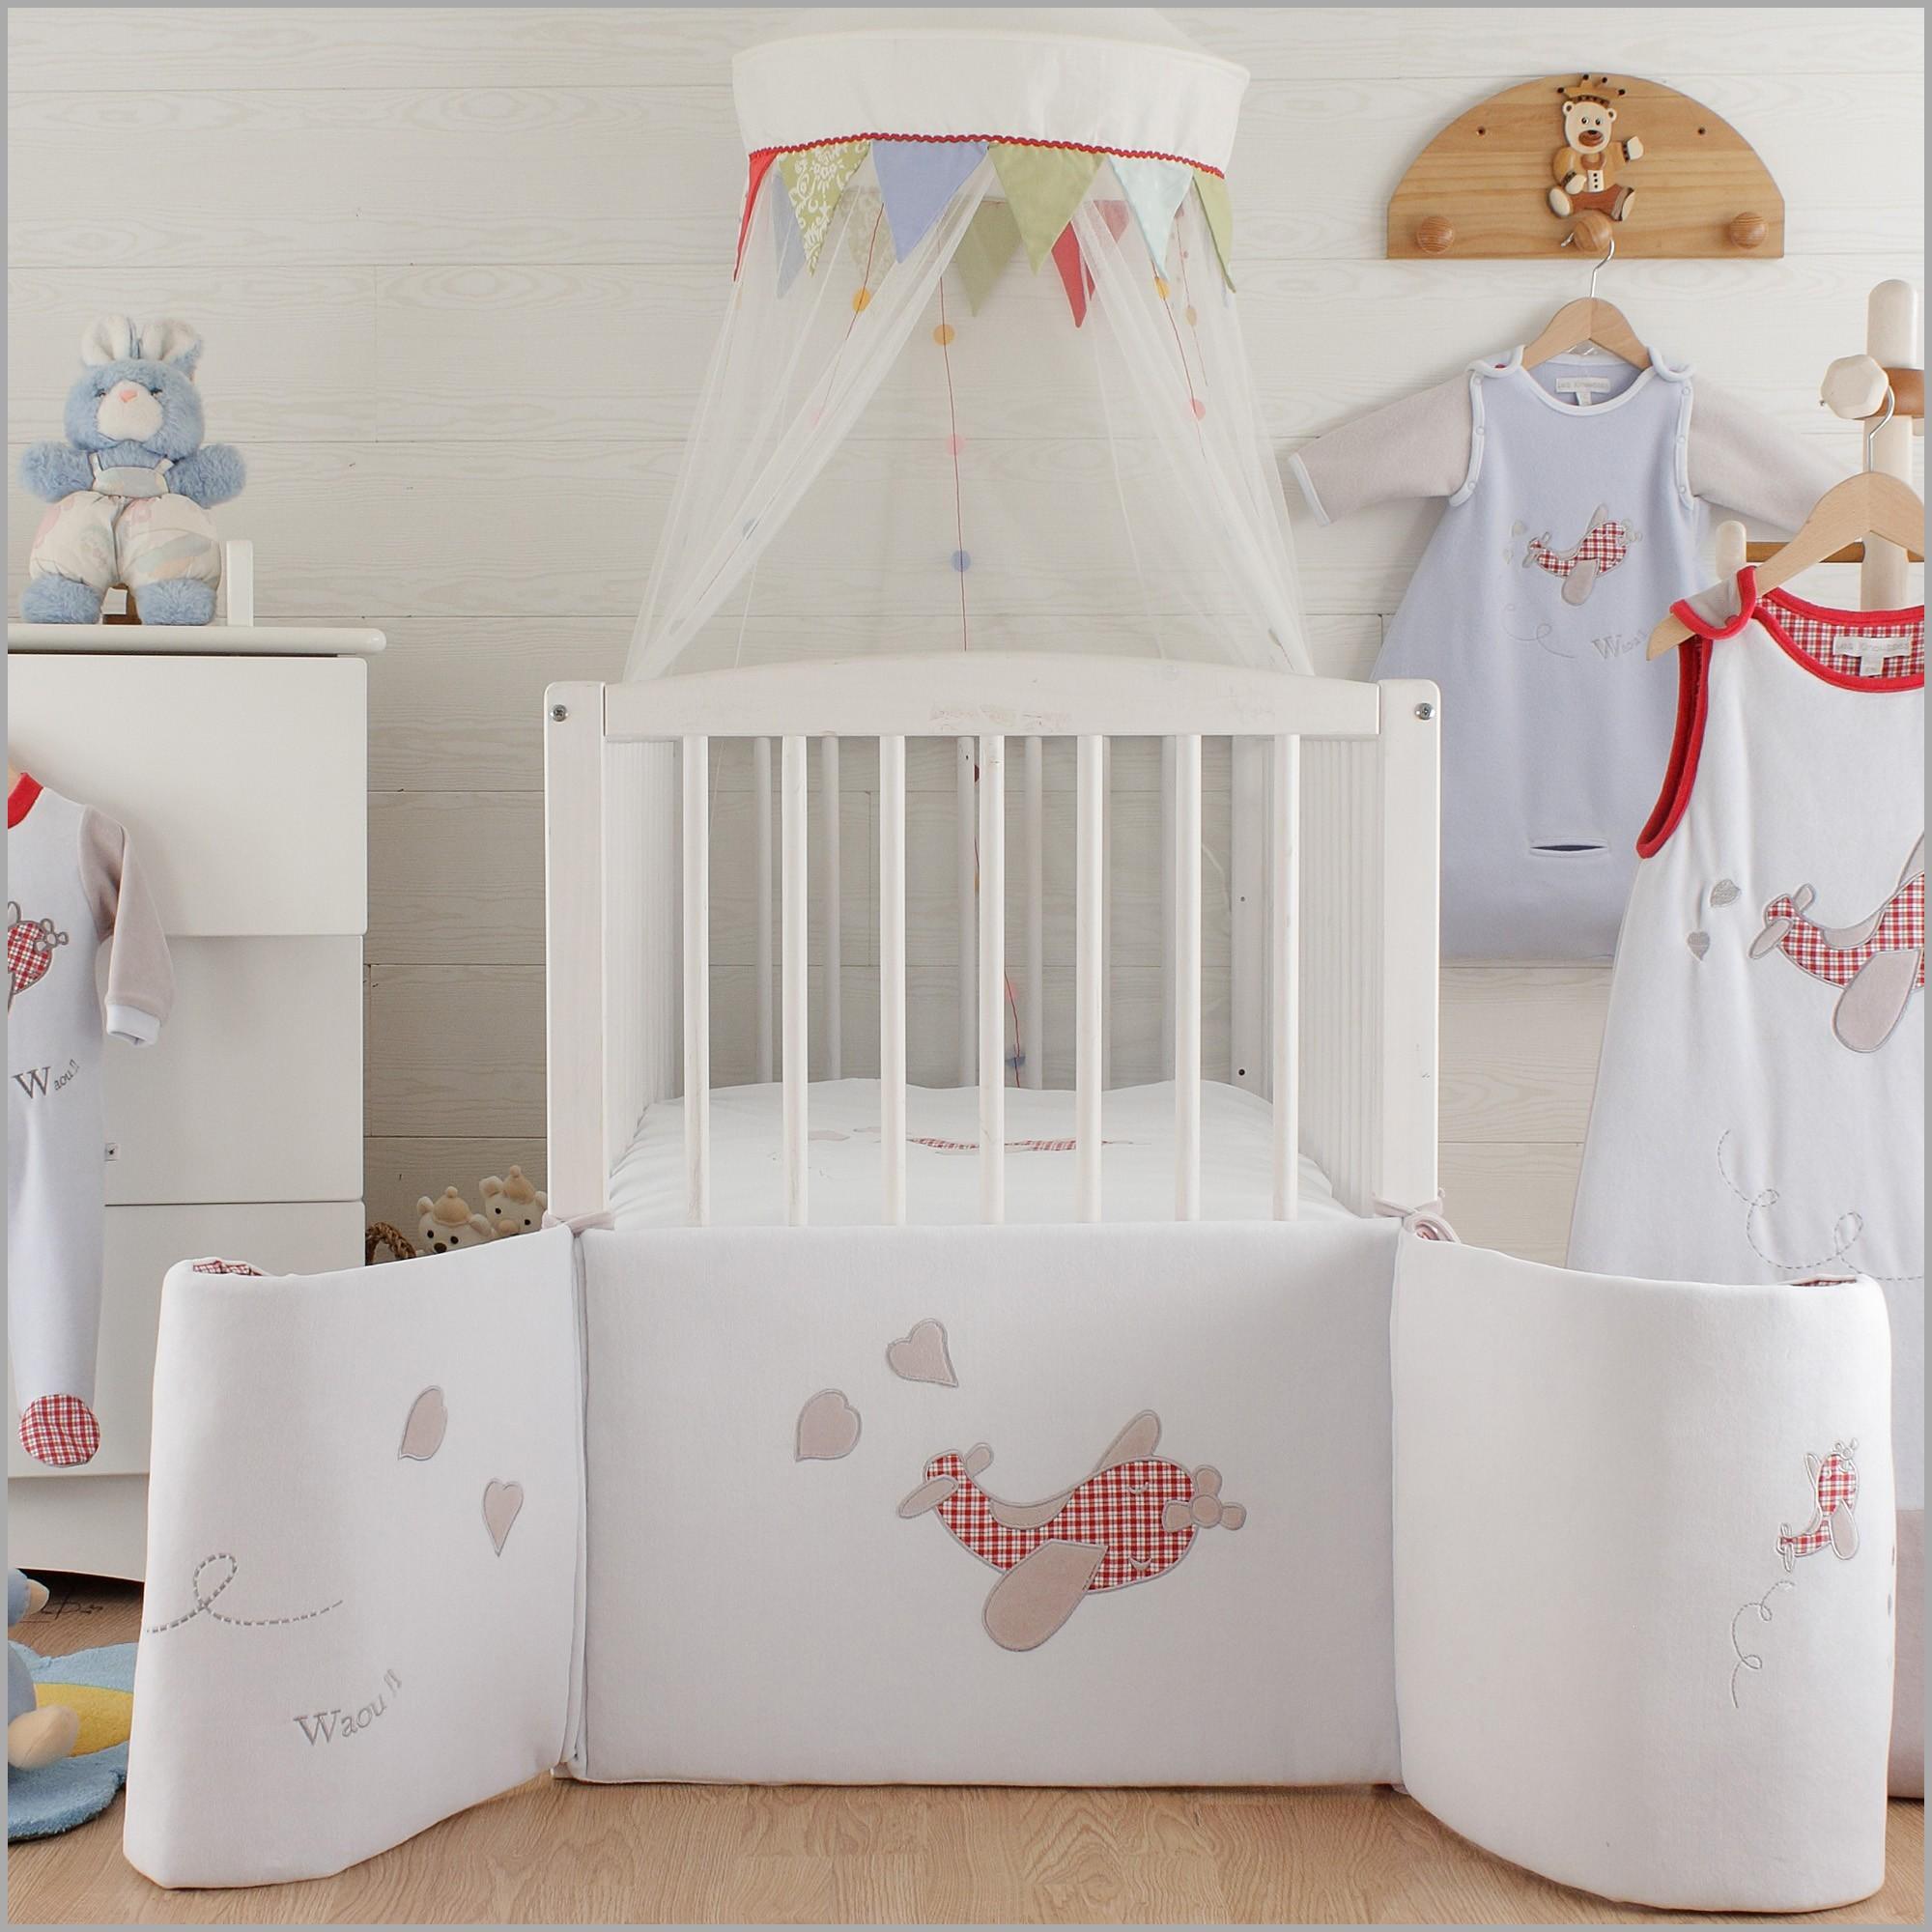 Lit bebe jumeaux pas cher - Idées de tricot gratuit